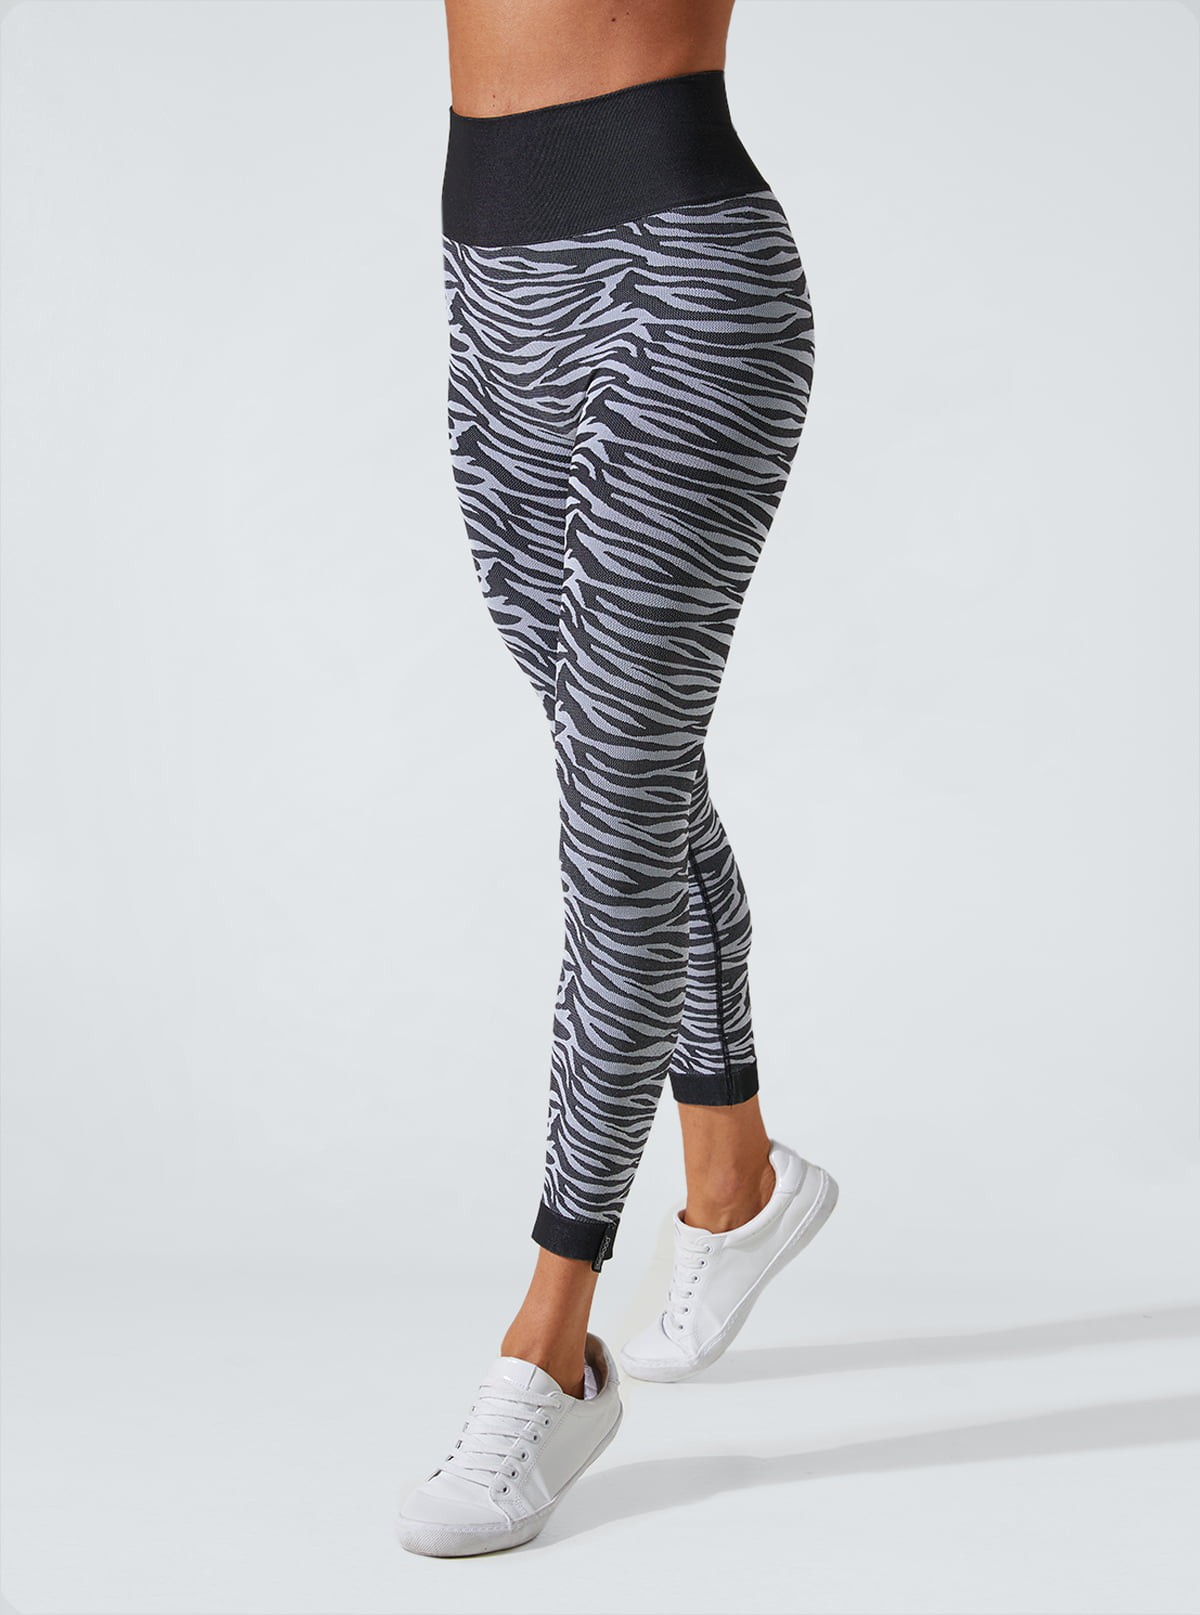 Schwarz-Weiss Zebra Animalier Leggings mit schlank machender und feuchtigkeitsspendende Wirkung